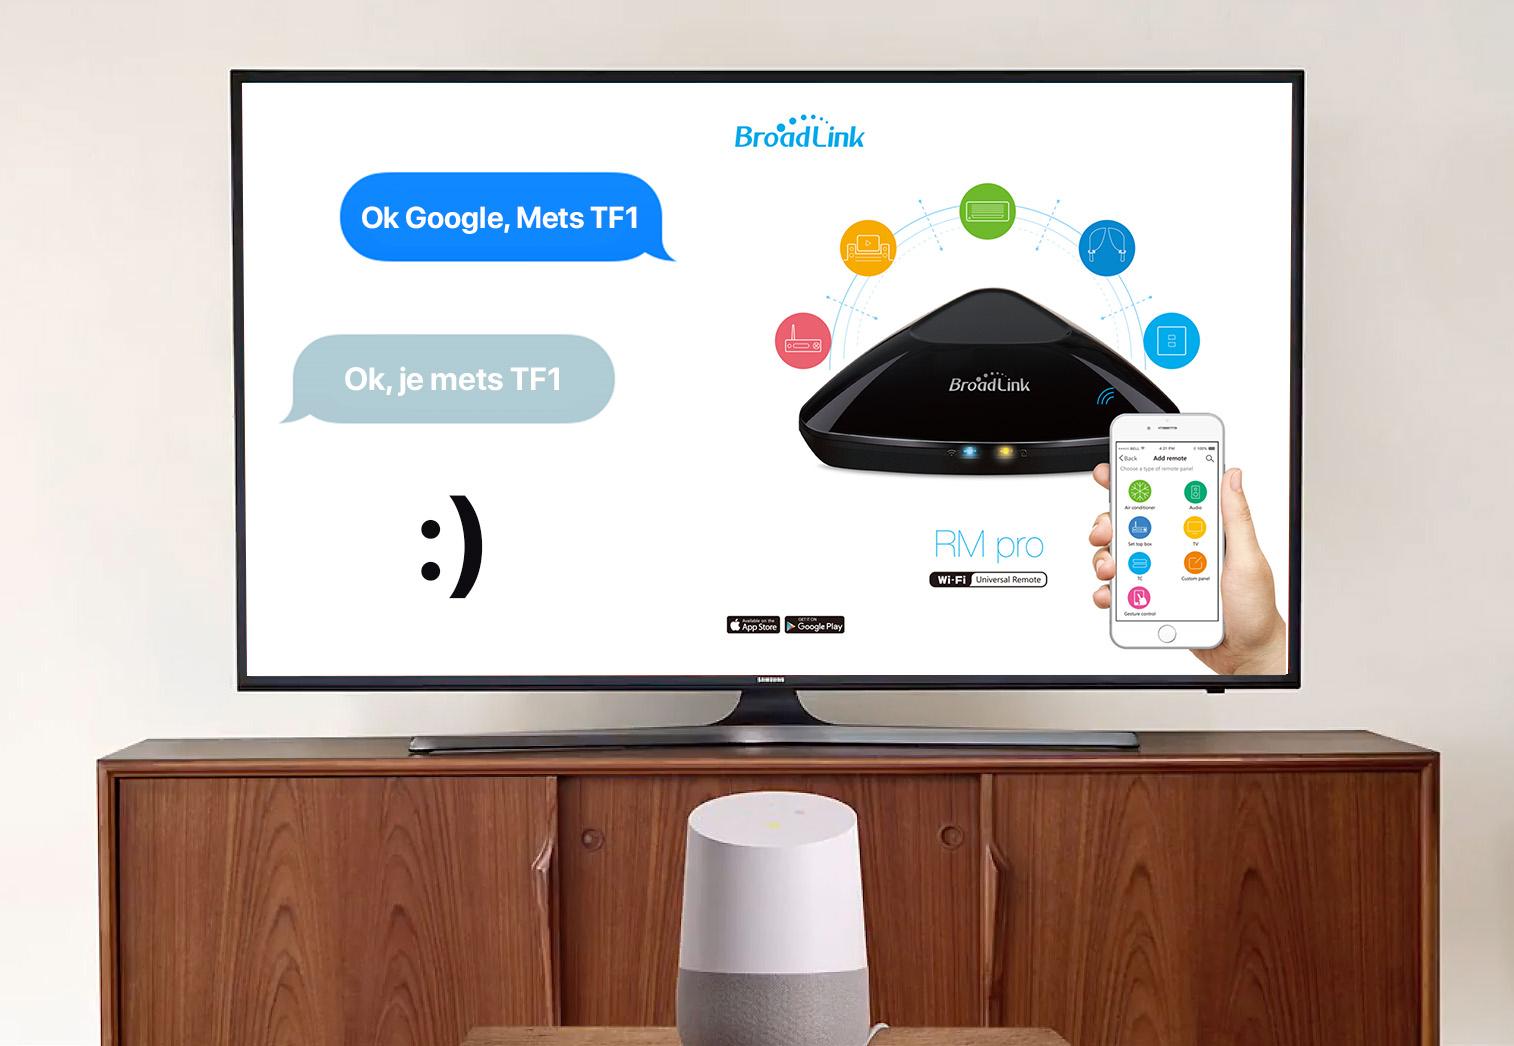 Contrôlez votre RM Pro et vos équipements avec votre voix grâce au Google Home